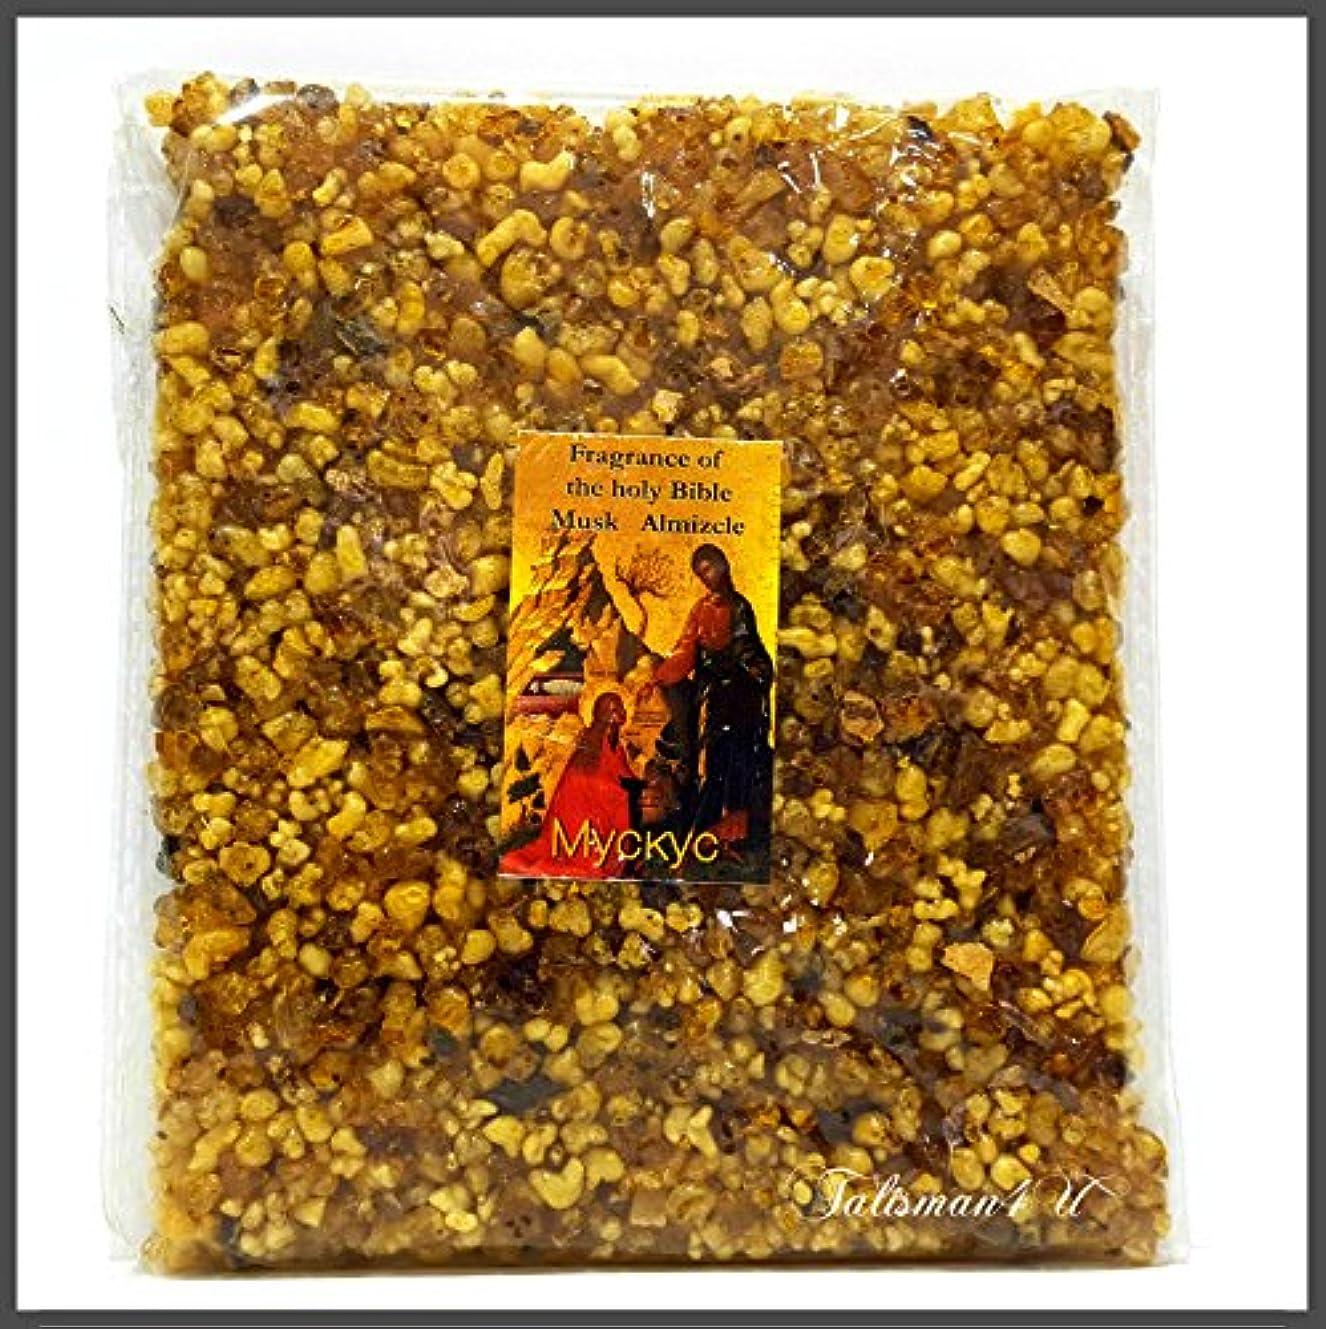 消費するふける外観ムスクエルサレムIncense樹脂Aromatic Almizcle Frankincense of the Holy Land 3.5 Oz/100 g